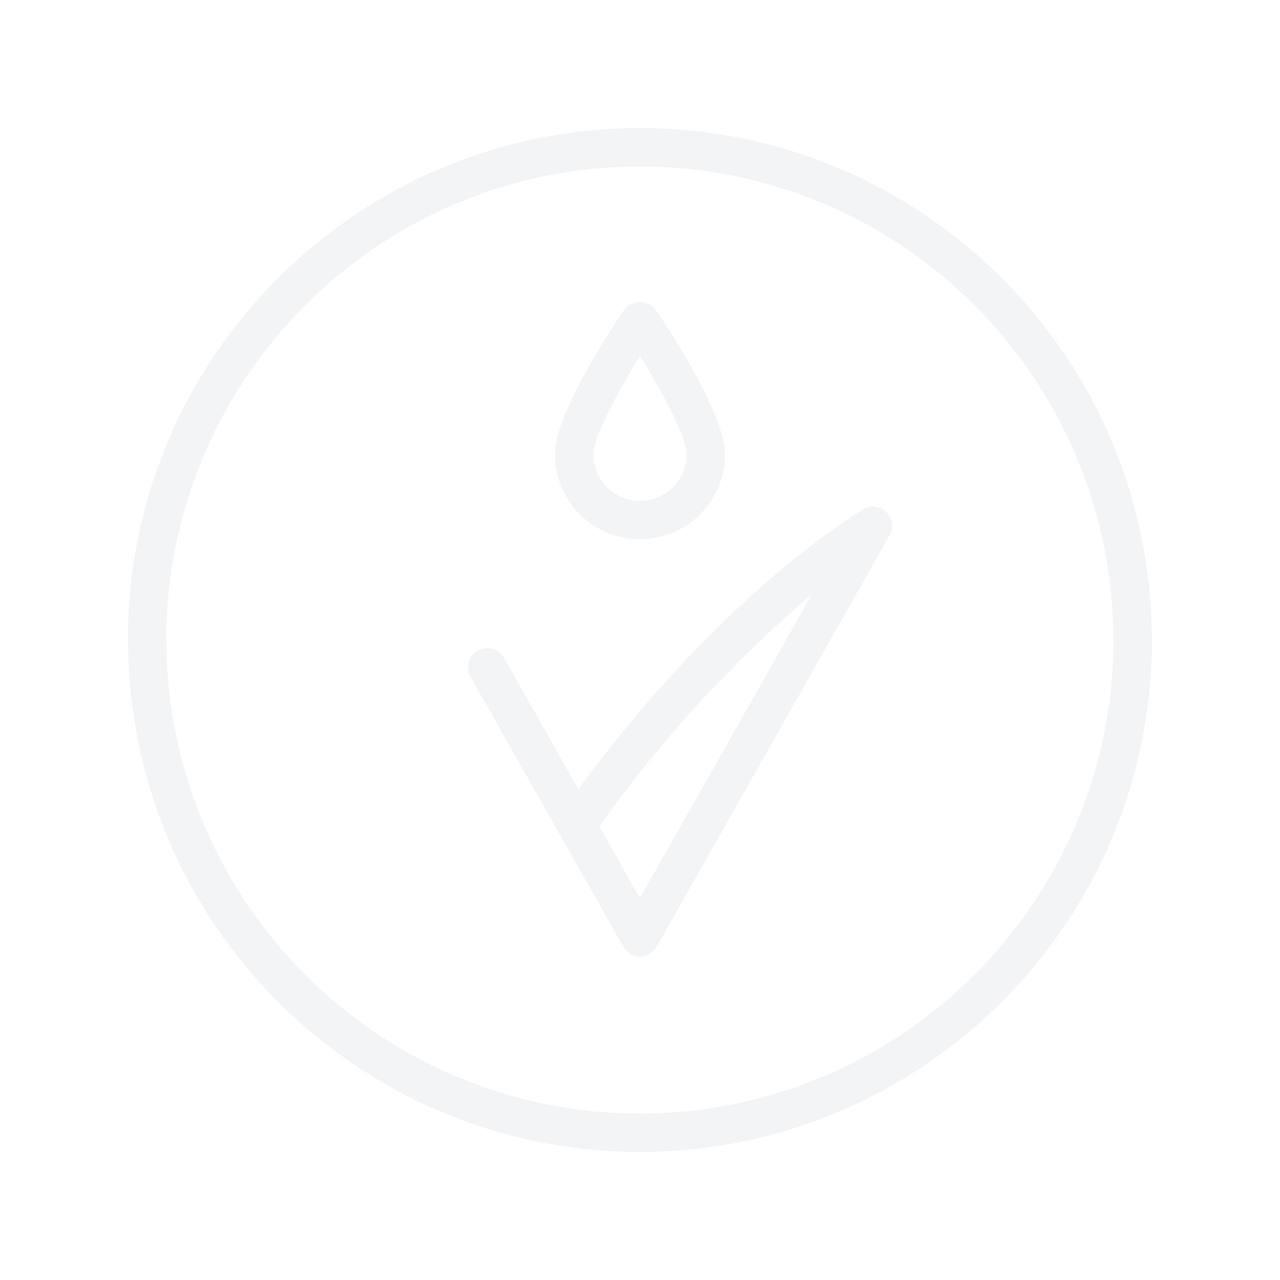 CALVIN KLEIN CK One Gold EDT 50ml